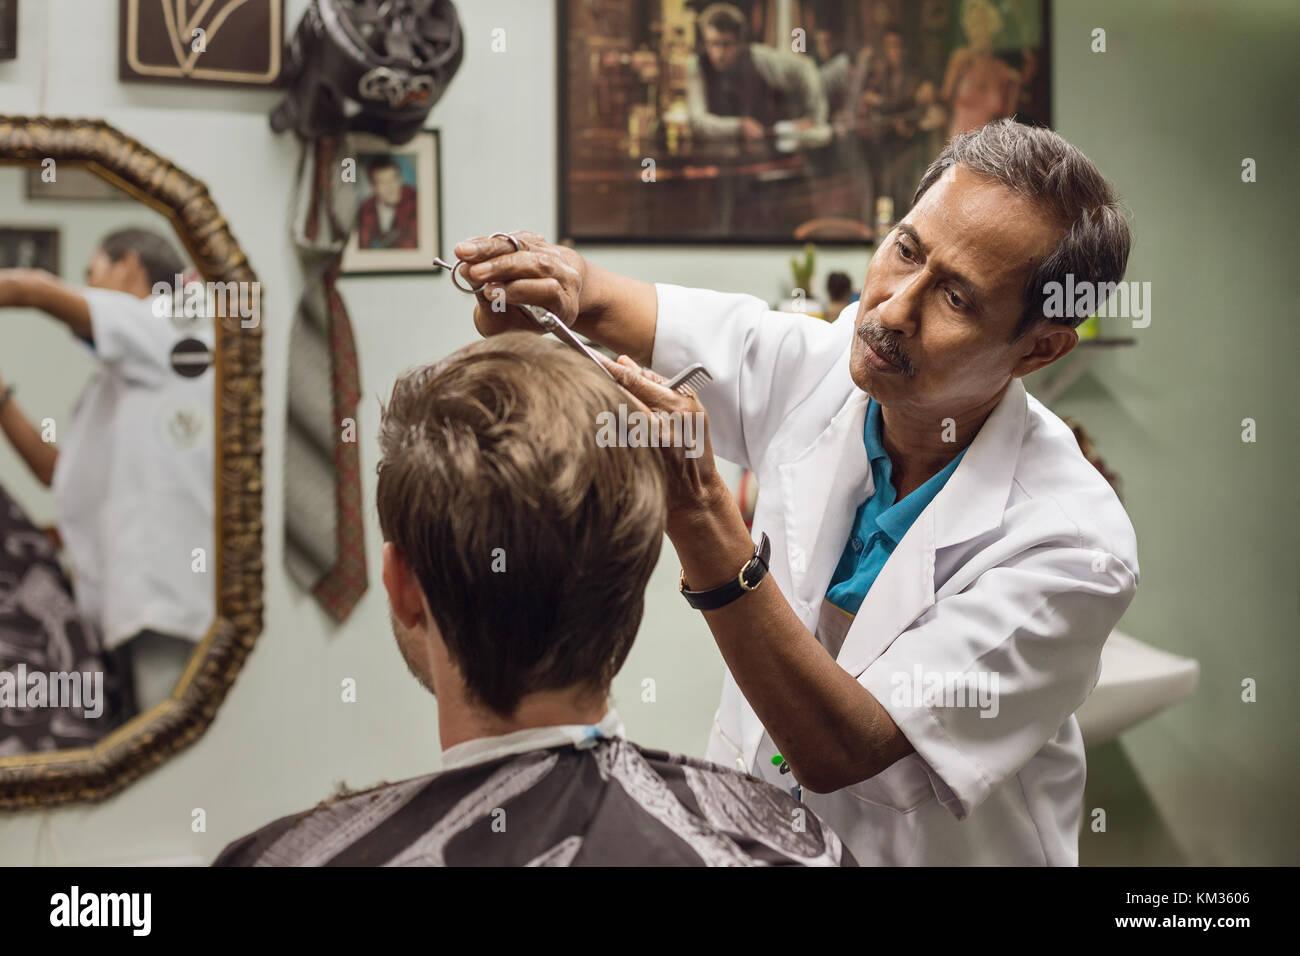 Malaiische Friseur- Konzentration bei der Arbeit Stockbild